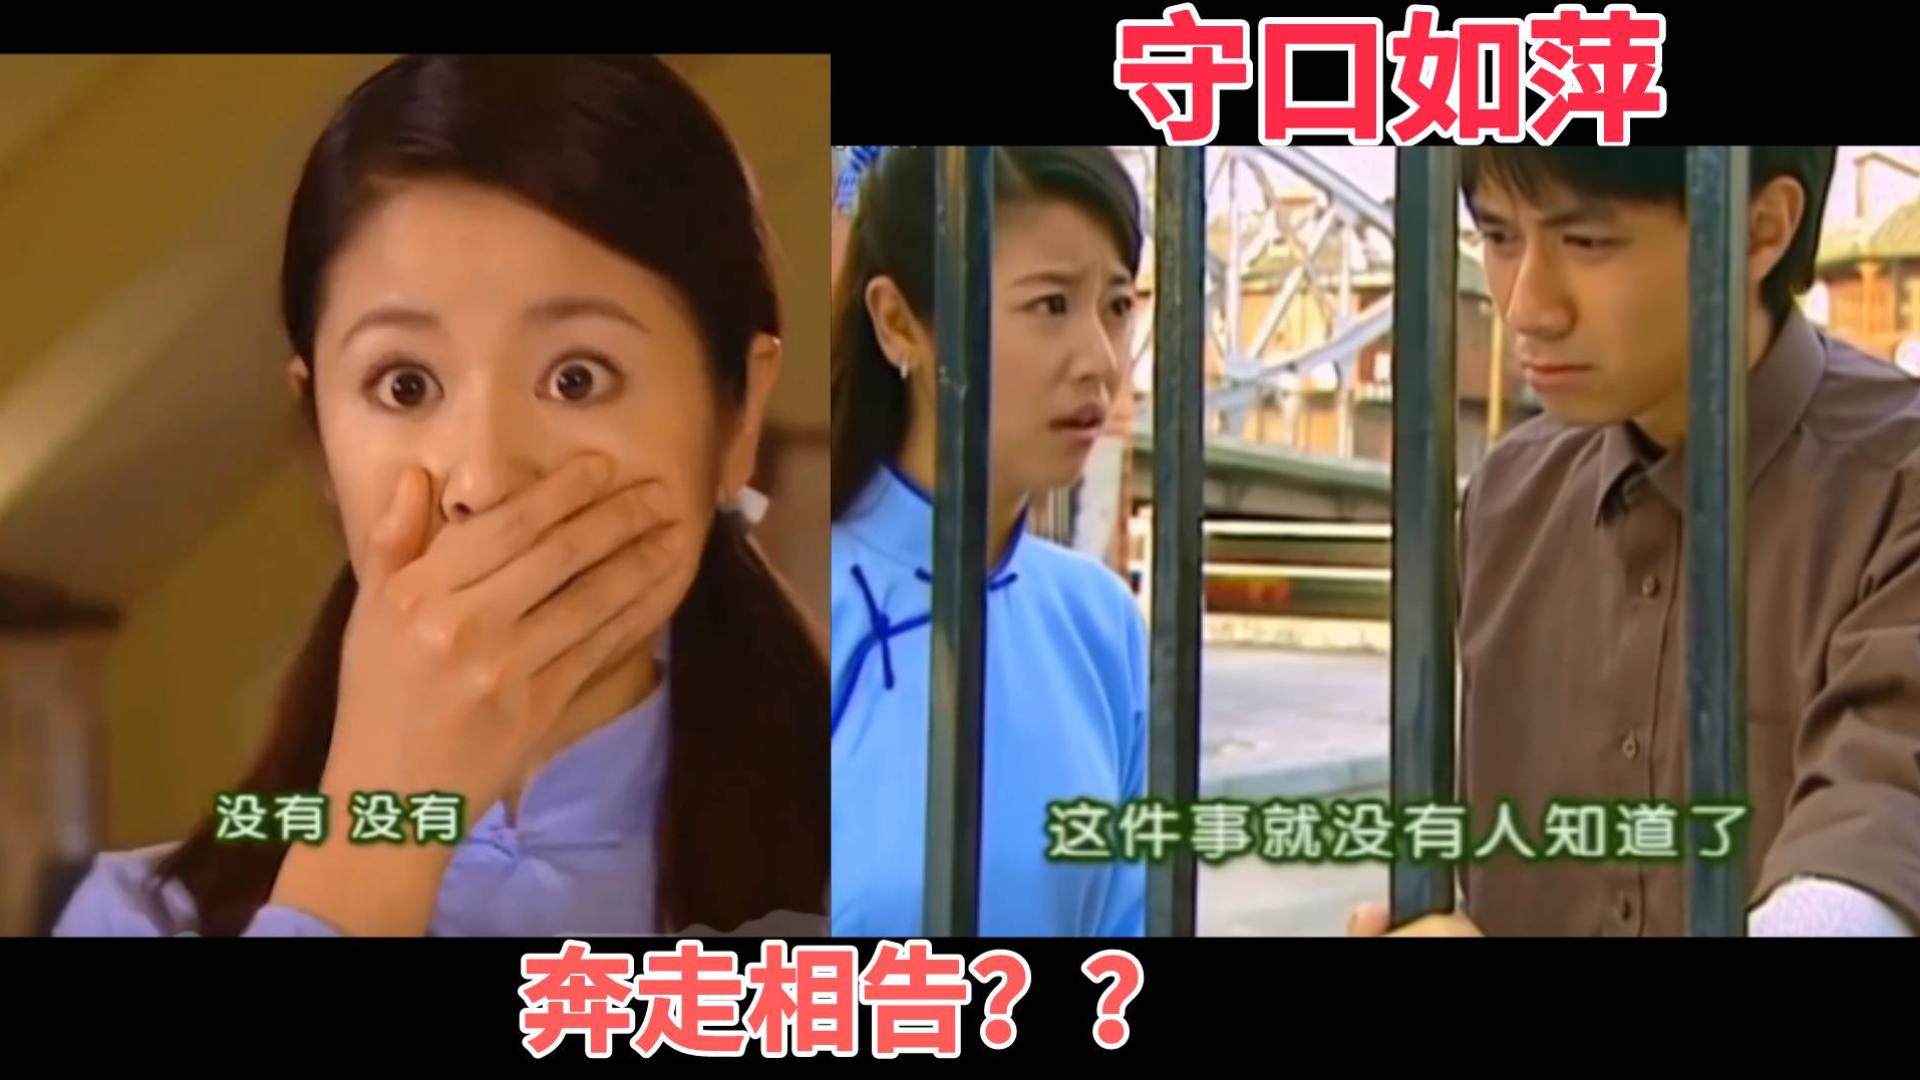 """某沙雕网友竟用日文打开情深深雨蒙蒙!""""守口如萍""""名场面来啦。"""